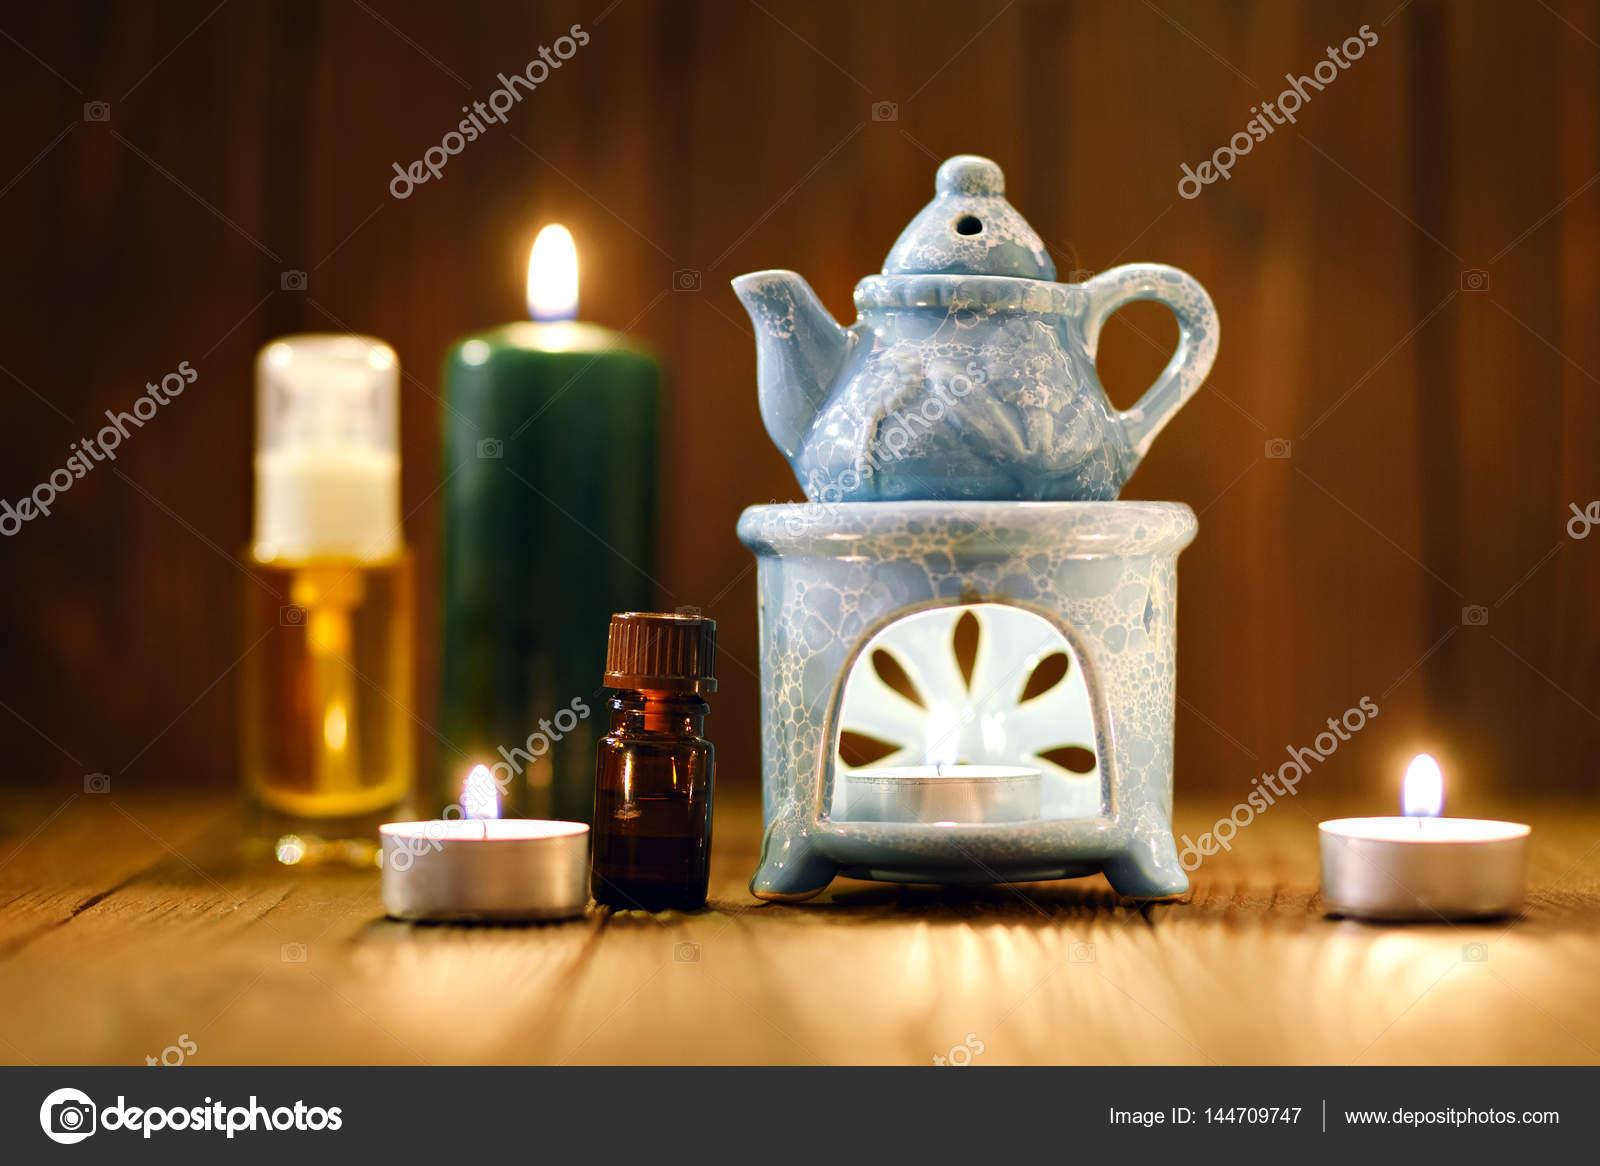 Kaarsen Op Olie.De Olie Warmer In De Kaarsen Stockfoto C Mukhomedianova